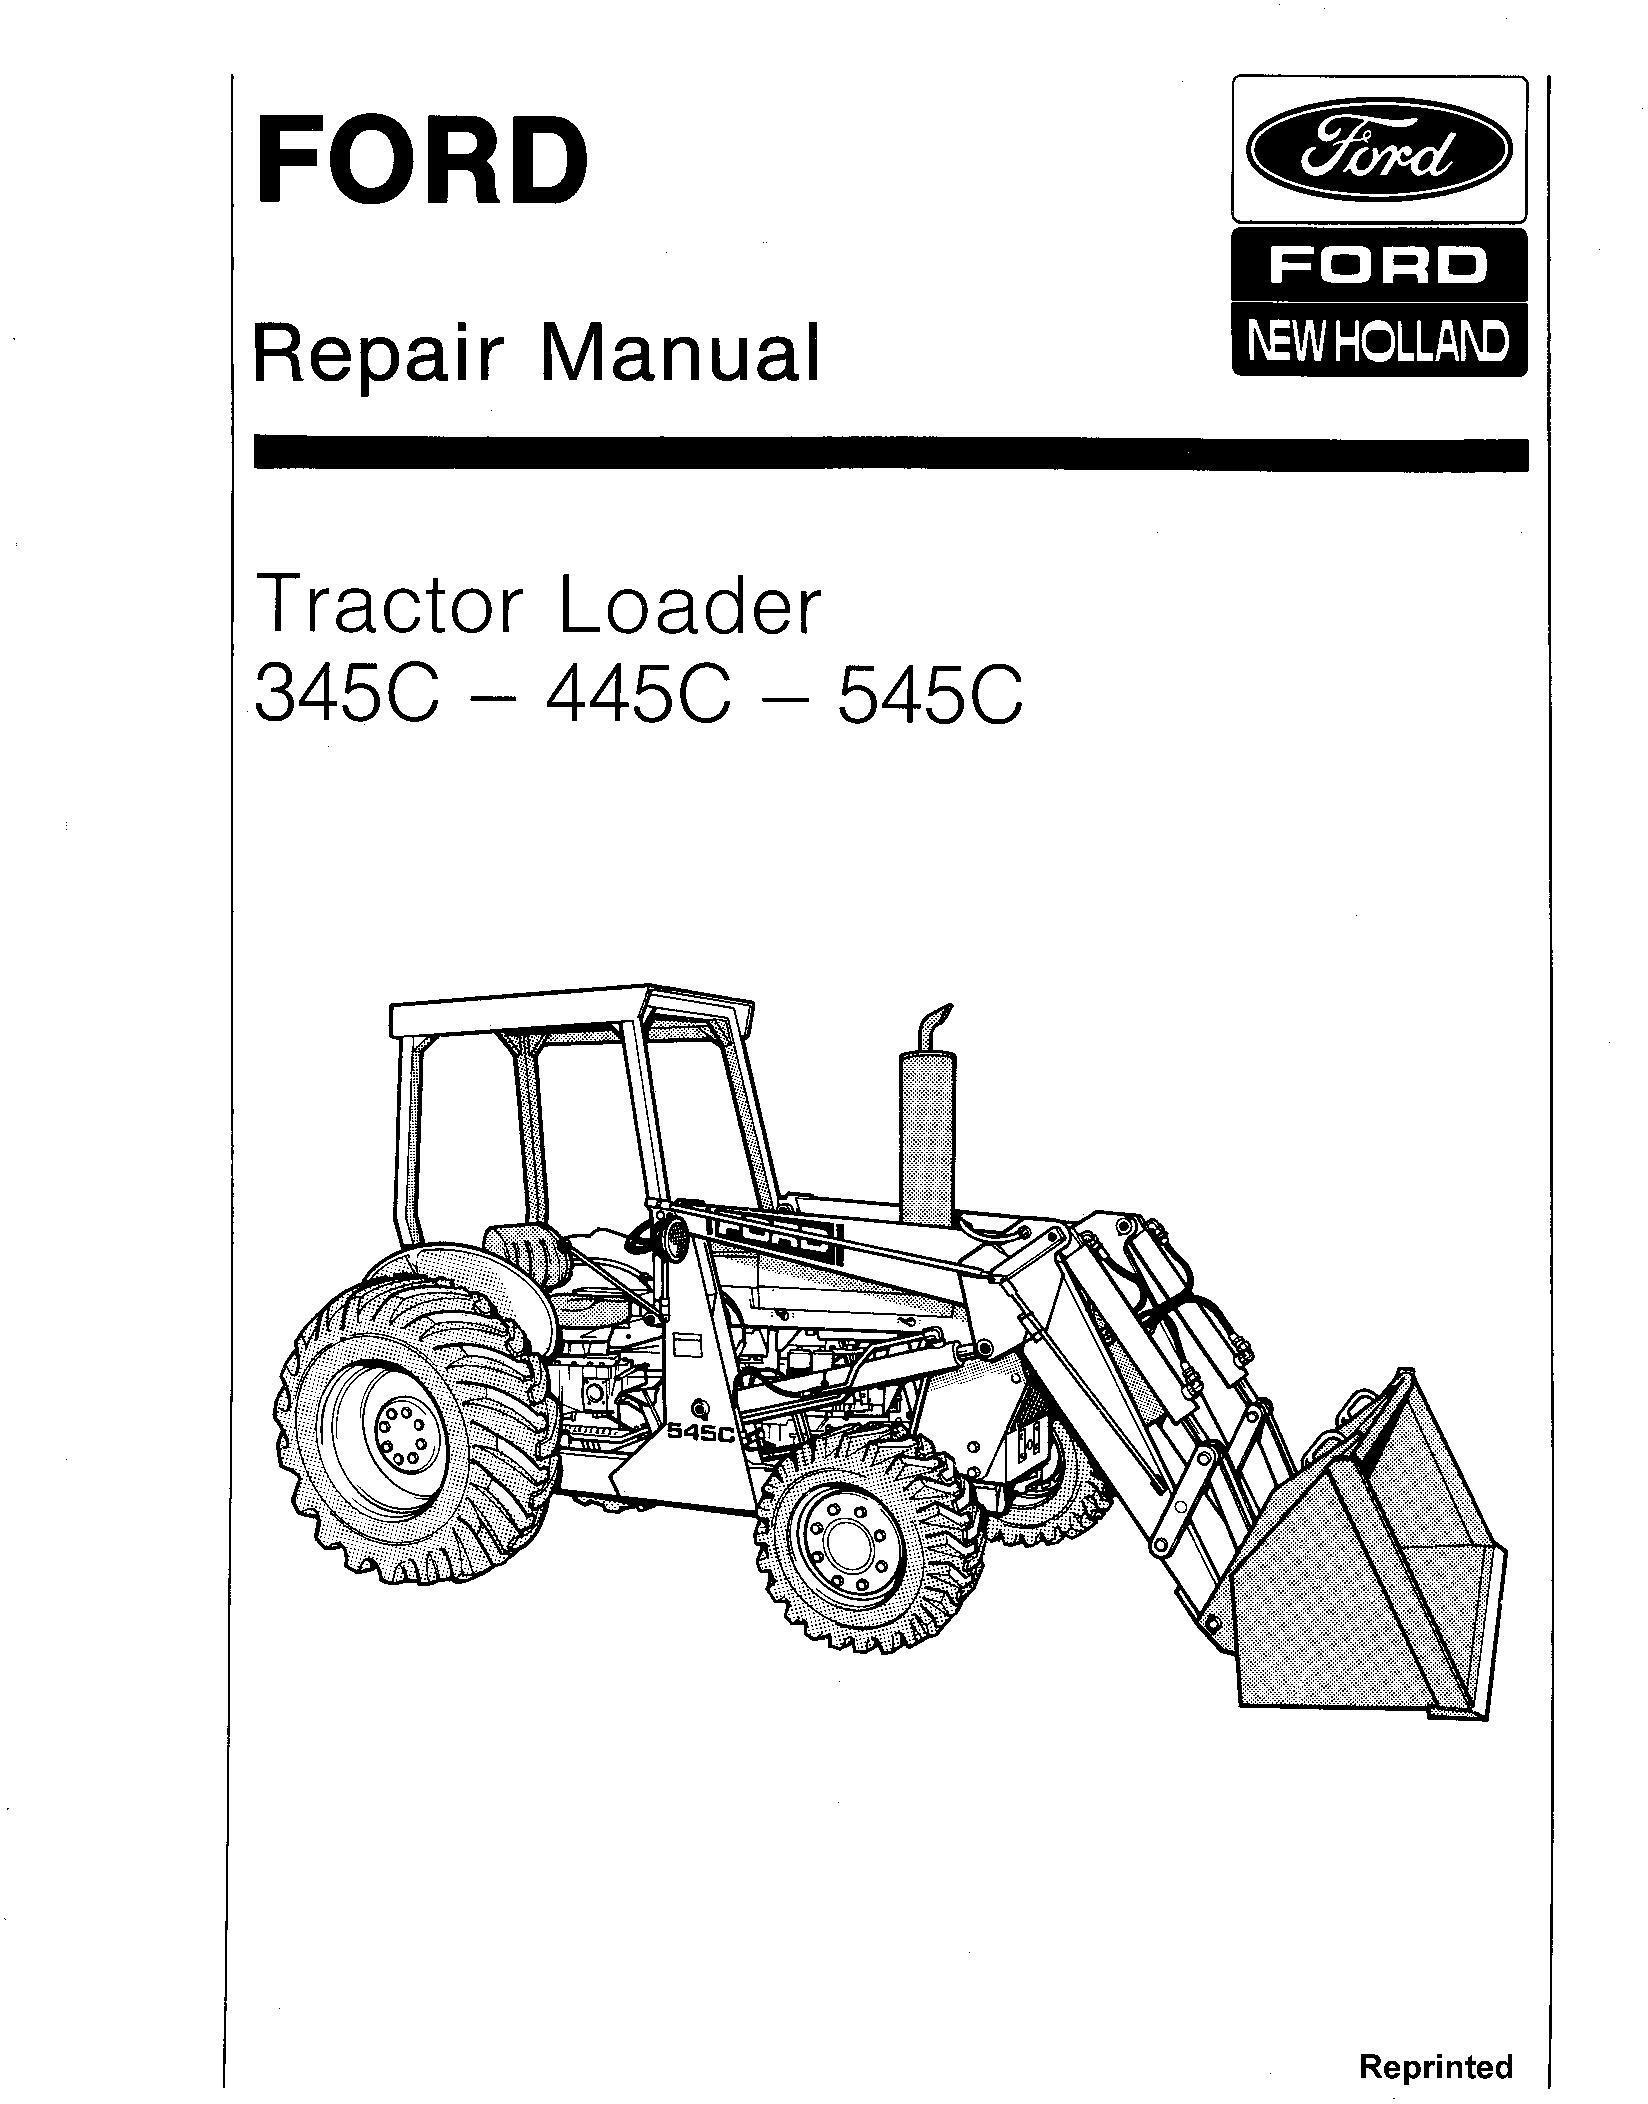 Ford 345C, 445C, 545C Tractor Loader Service Repair Manual